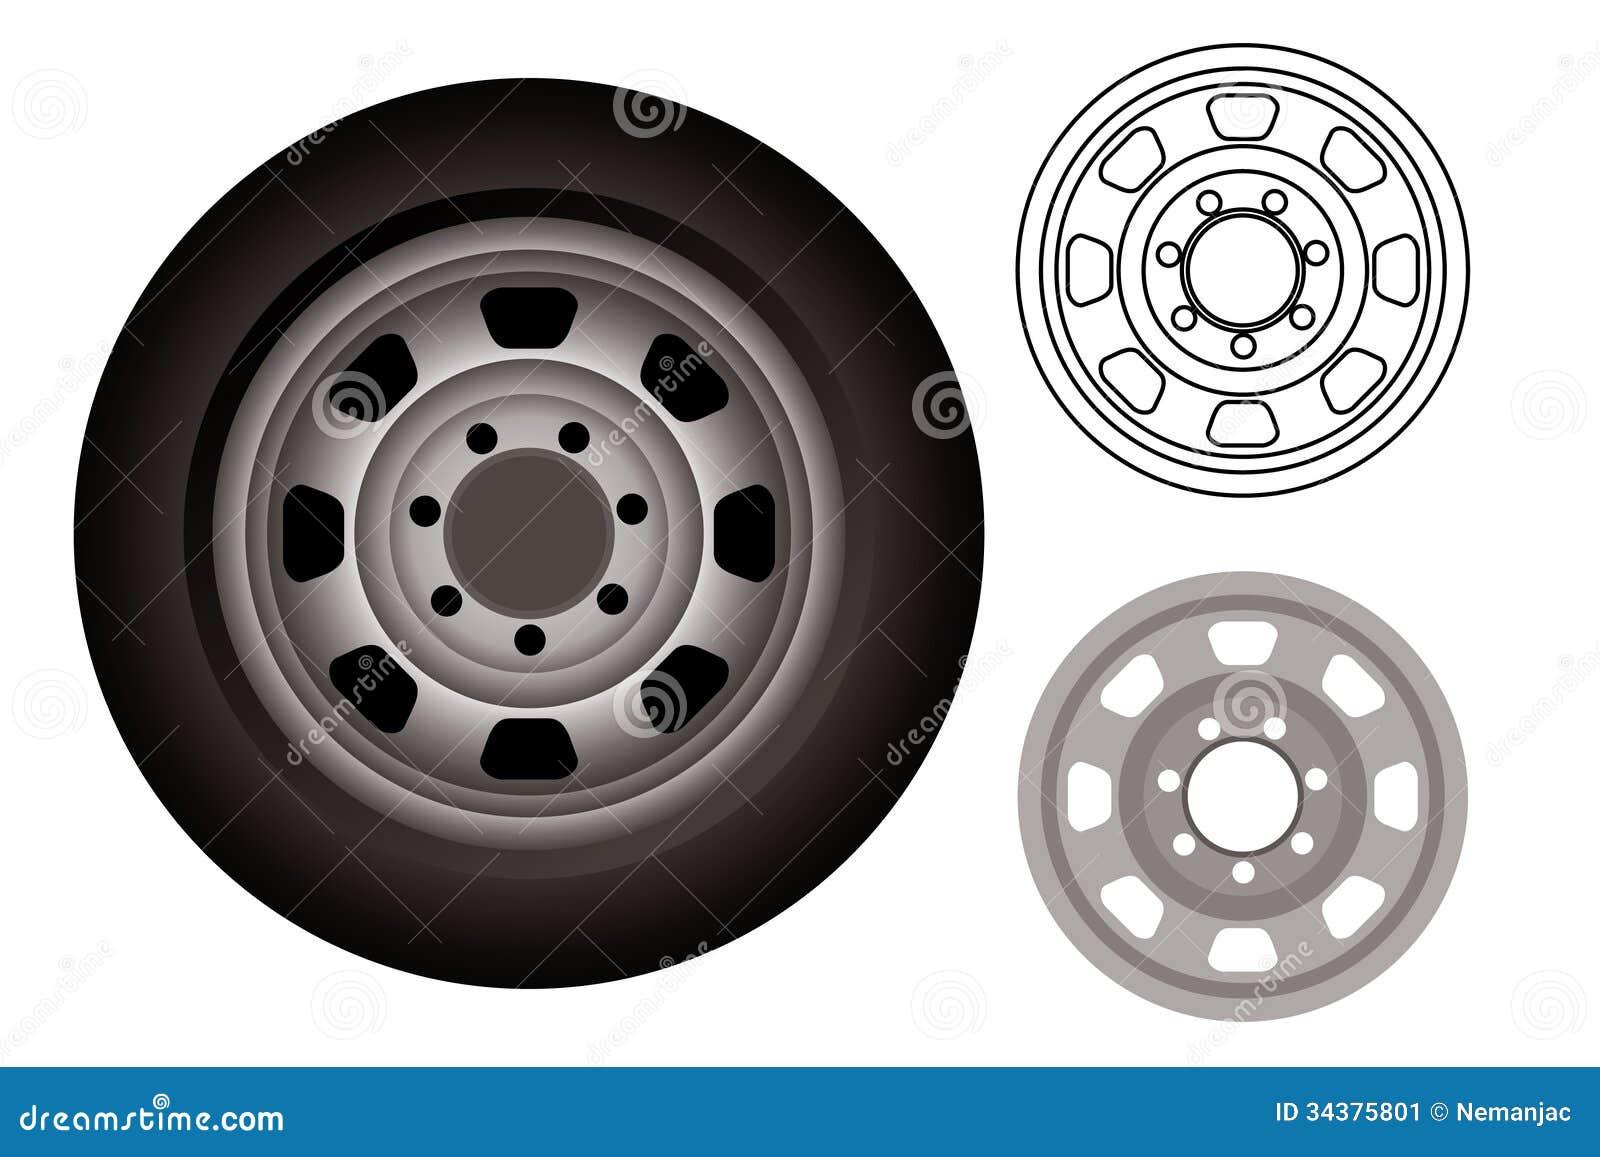 汽车轮子或轮胎,整个轮胎和外缘.